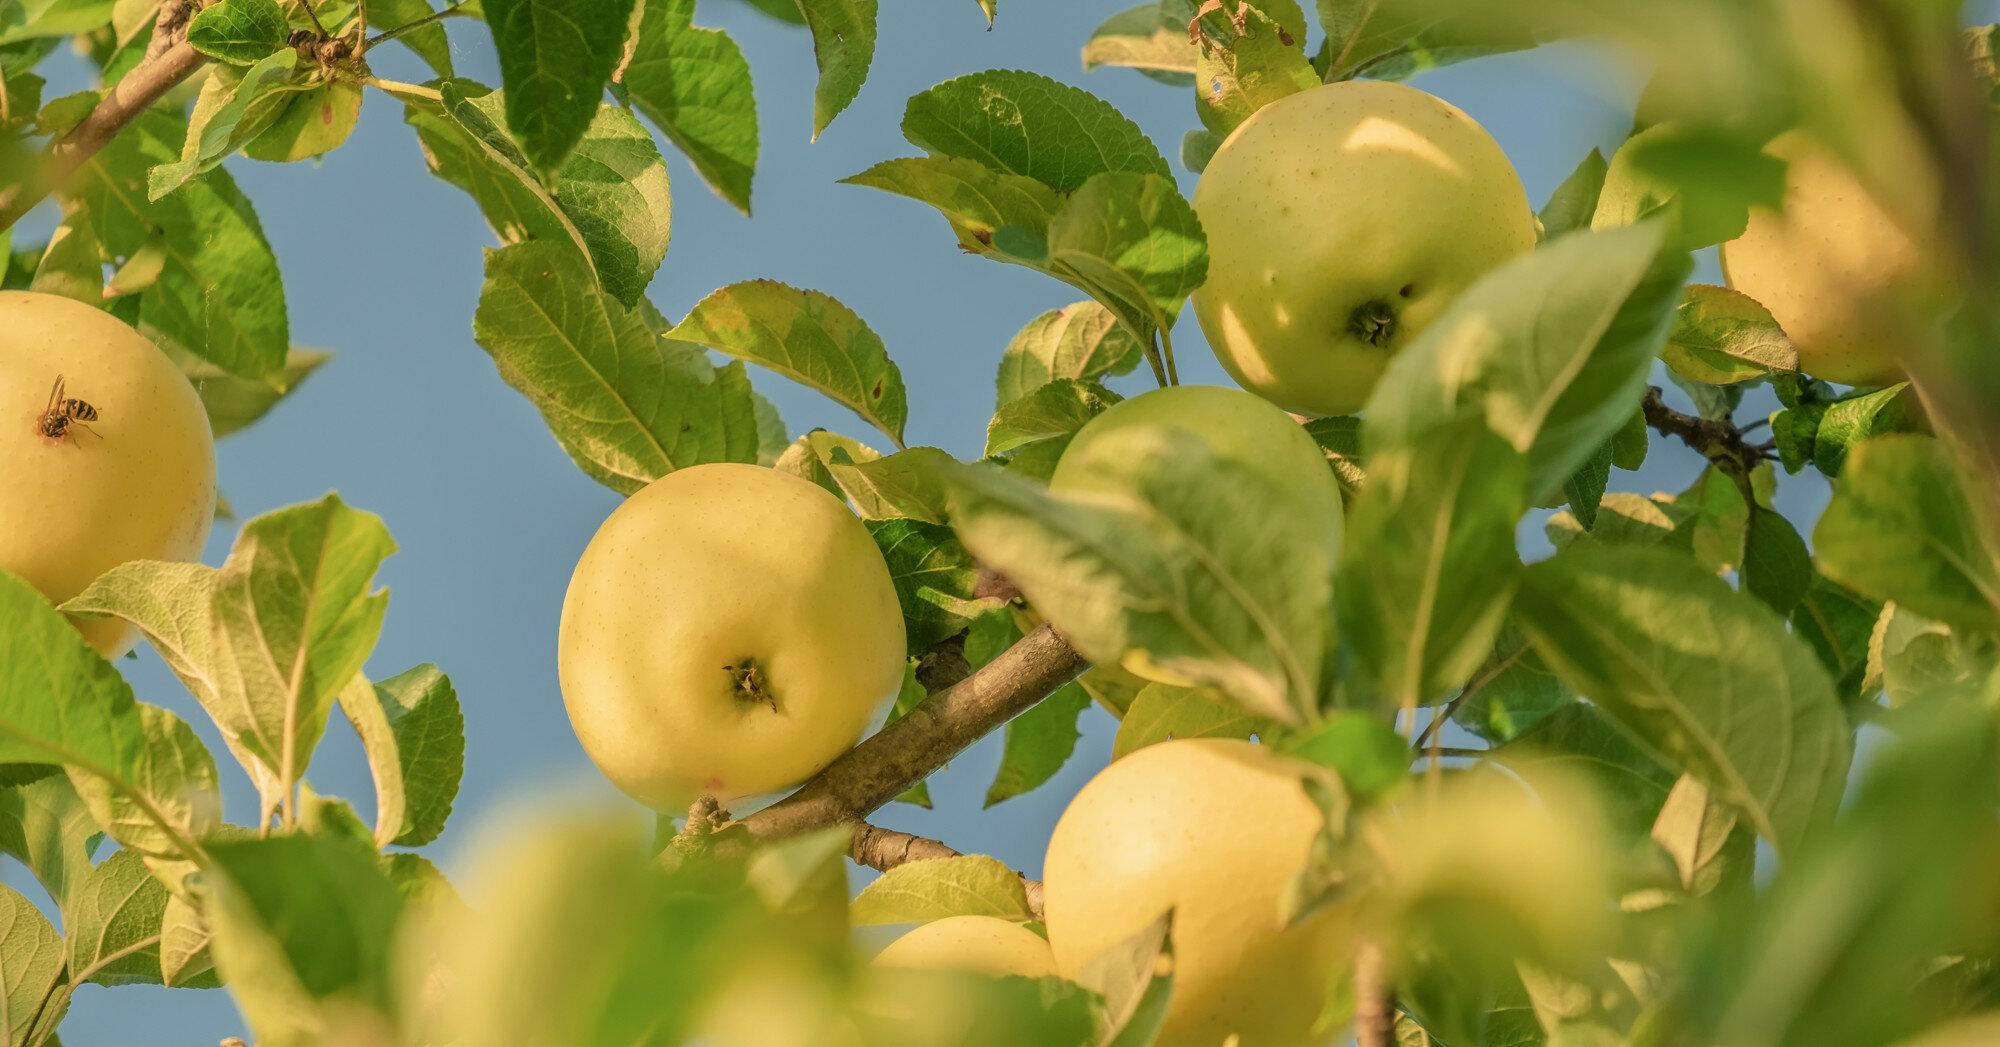 Холодная весна испортила урожай яблок: что будет с ценами